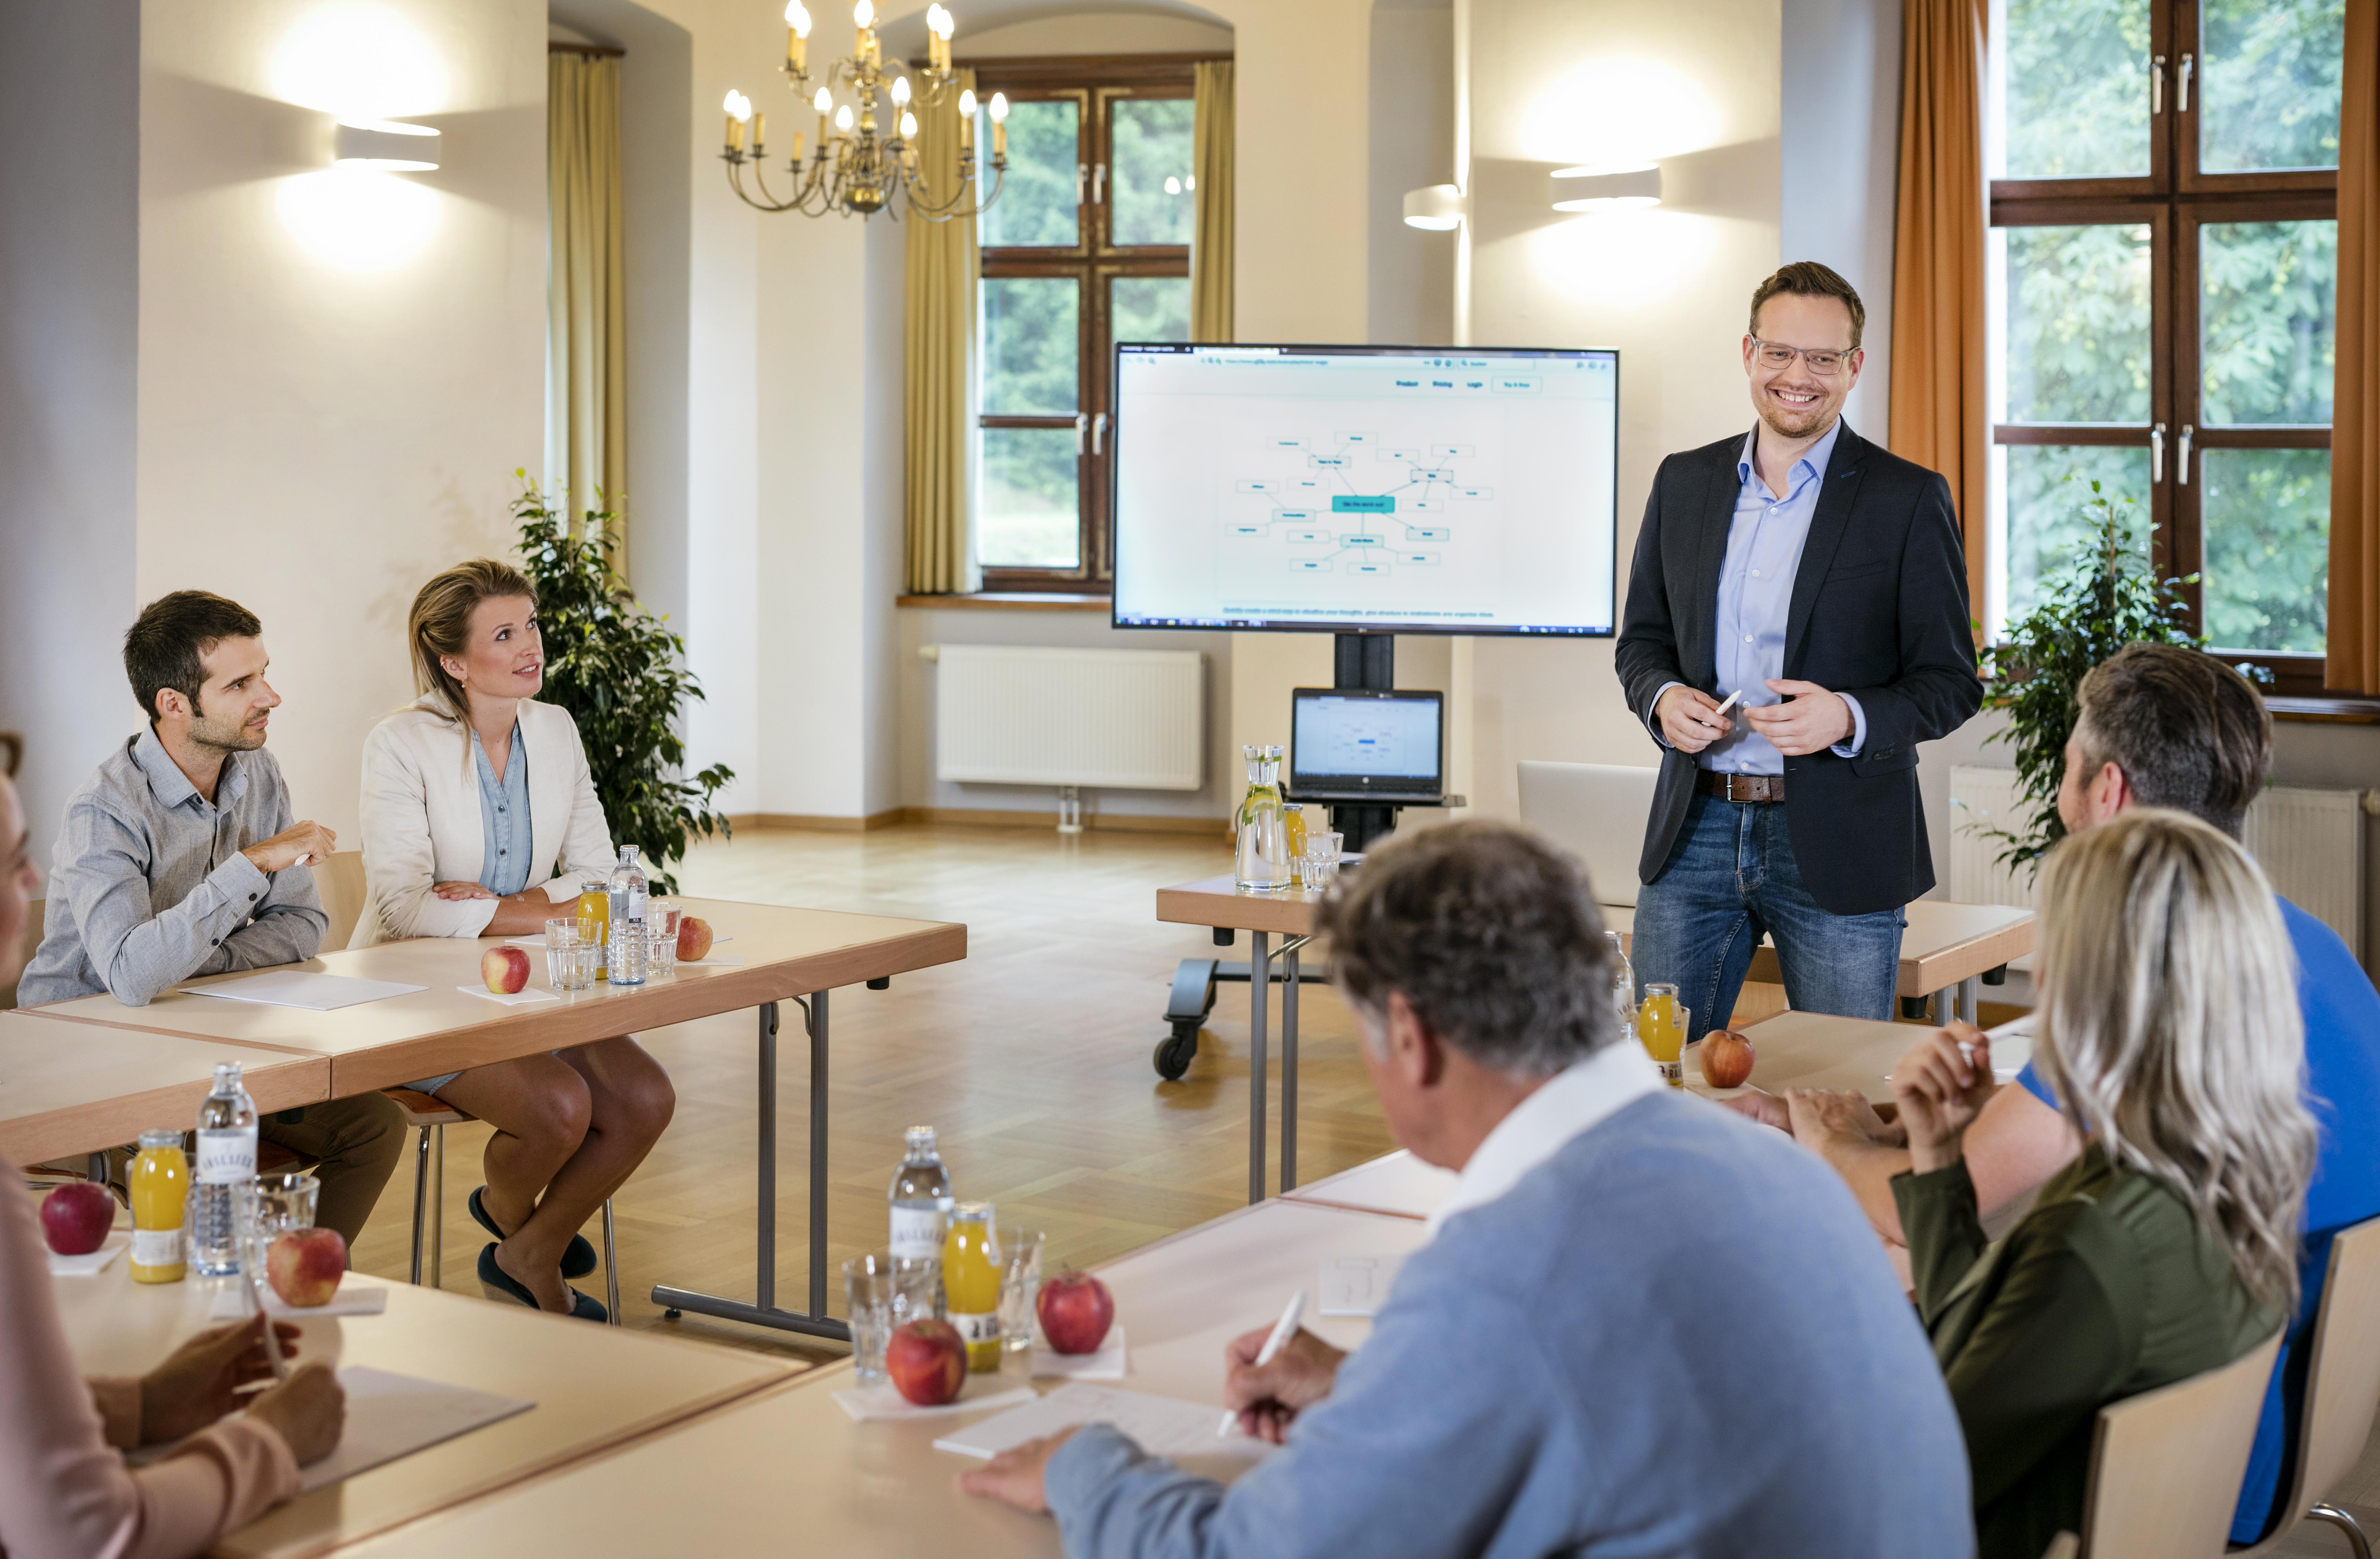 Sie sehen Seminarteilnehmer bei einem Vortrag im JUFA Hotel Schloss Röthelstein/Admont***. Der Ort für märchenhafte Hochzeiten und erfolgreiche und kreative Seminare.